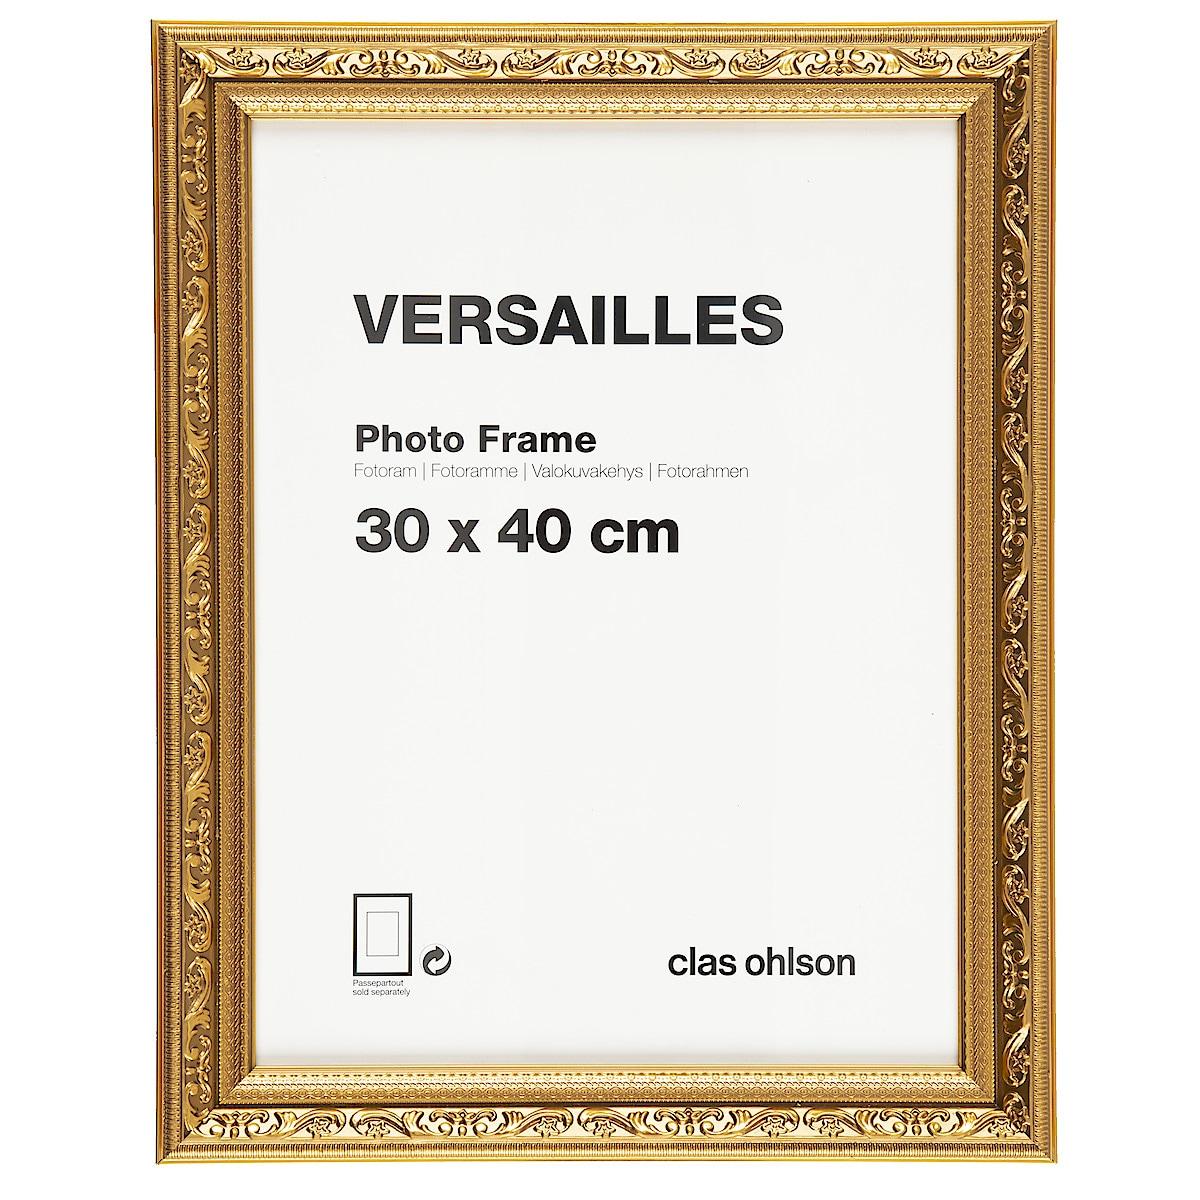 Fotoram Versailles